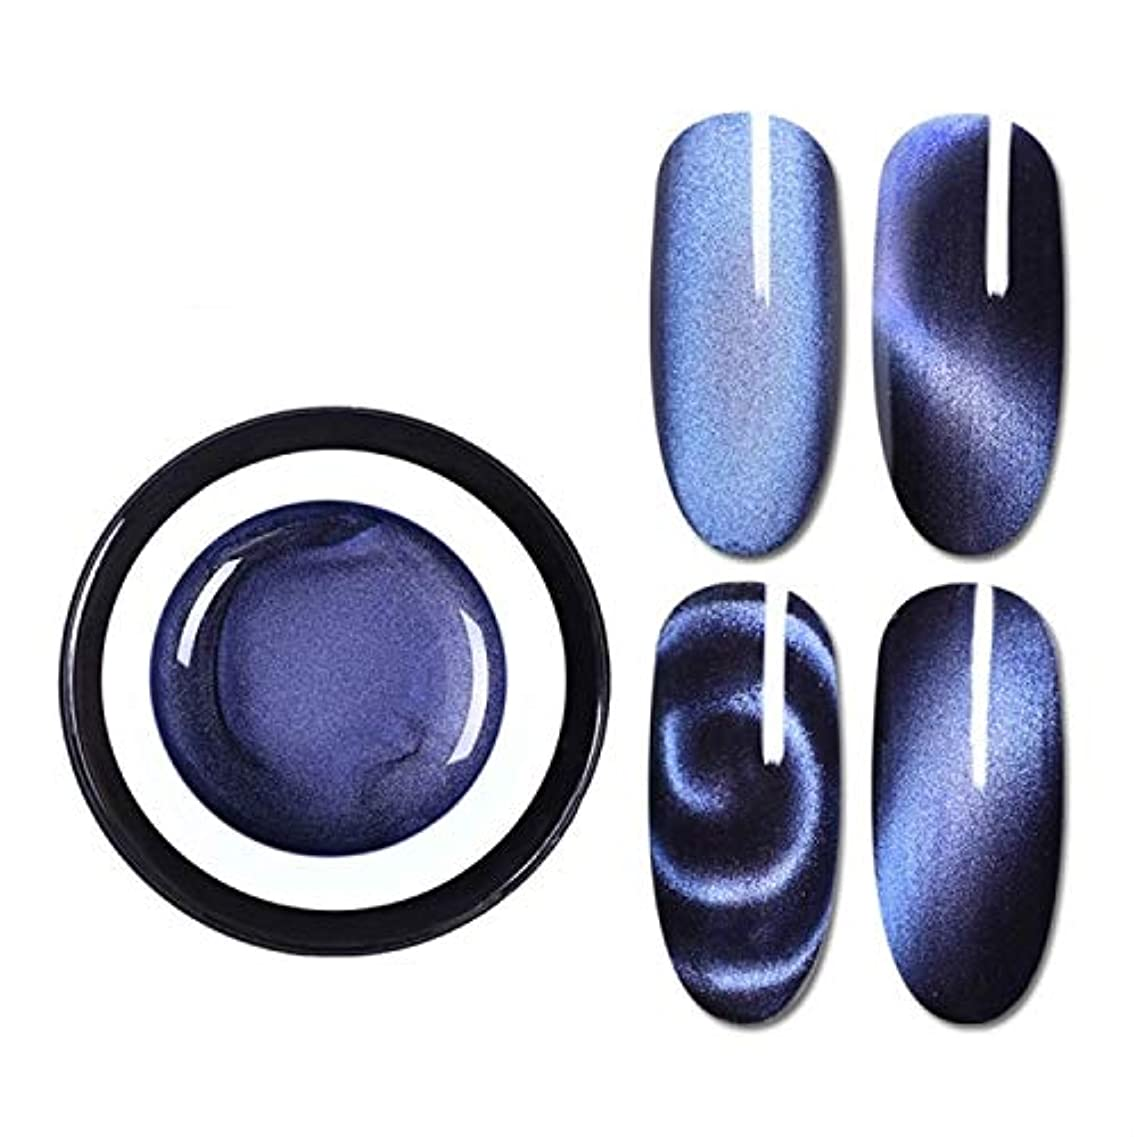 速報ハイランドシャークファッションアイテム 生まれたプリティマジックボックスプラスチック5 Dキャットアイ接着剤3Dバラエティダブルヘッドマグネットキャットアイ接着剤2色キャットジェル(BP-MSS01)グラデーションネイル接着剤 環境に優しい...